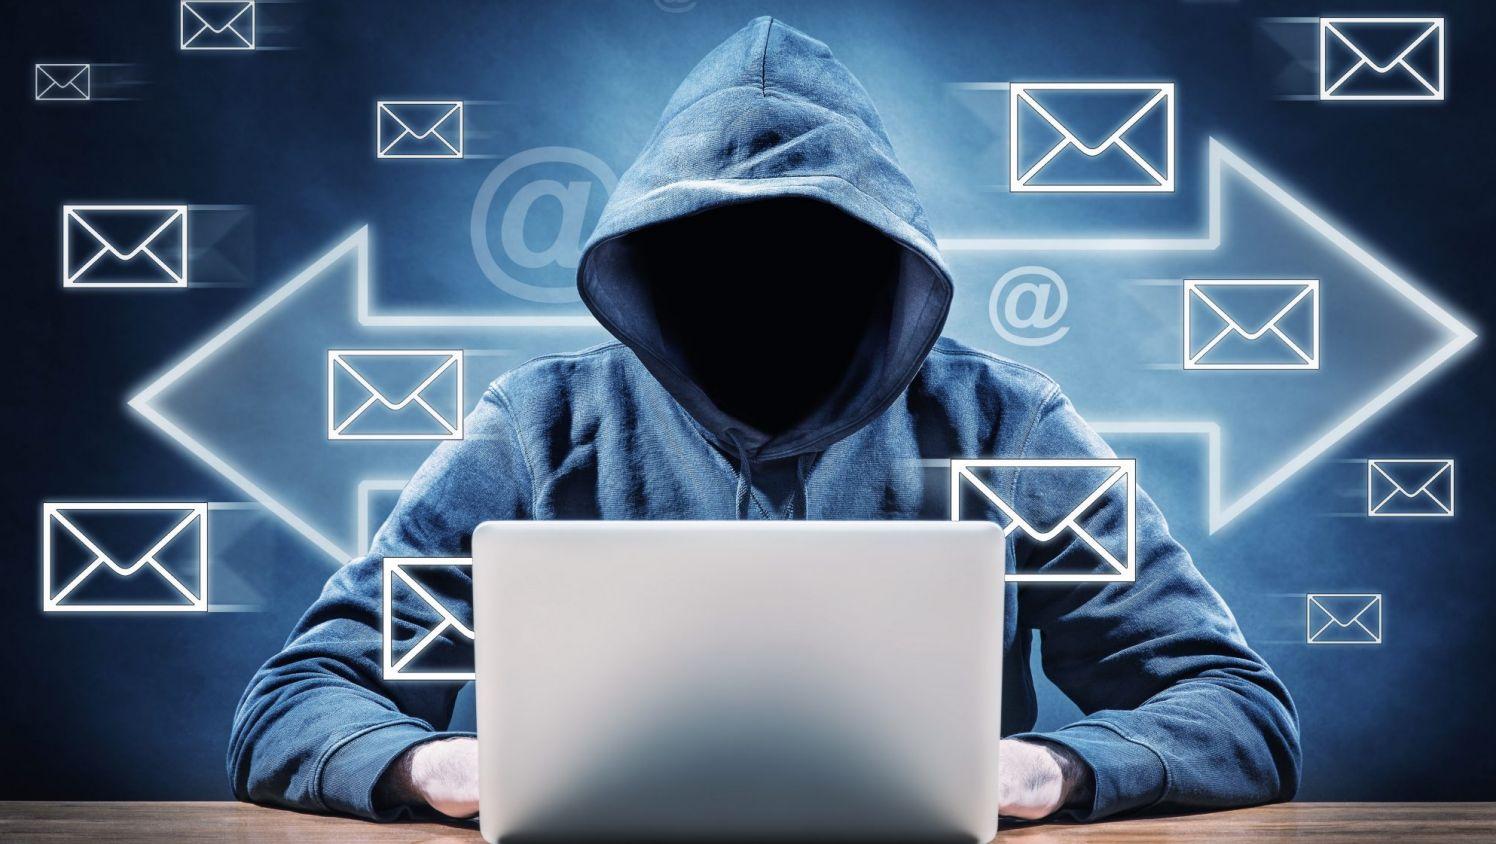 地产中介邮箱被黑 维州数名买家被骗20万